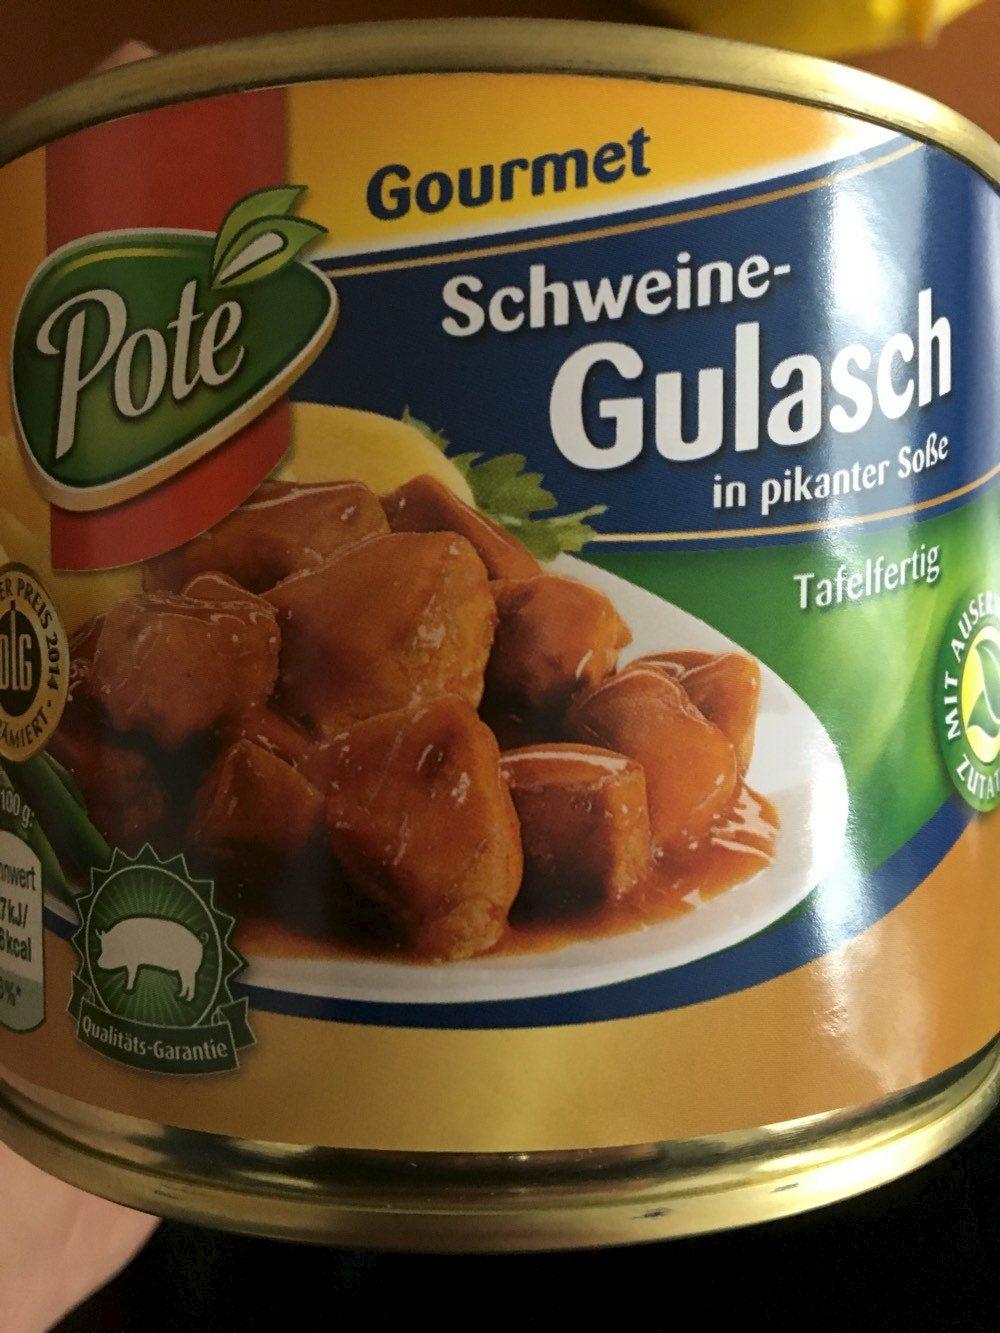 Gourmet Schweine-Gulasch in pikanter Soße - Produit - fr